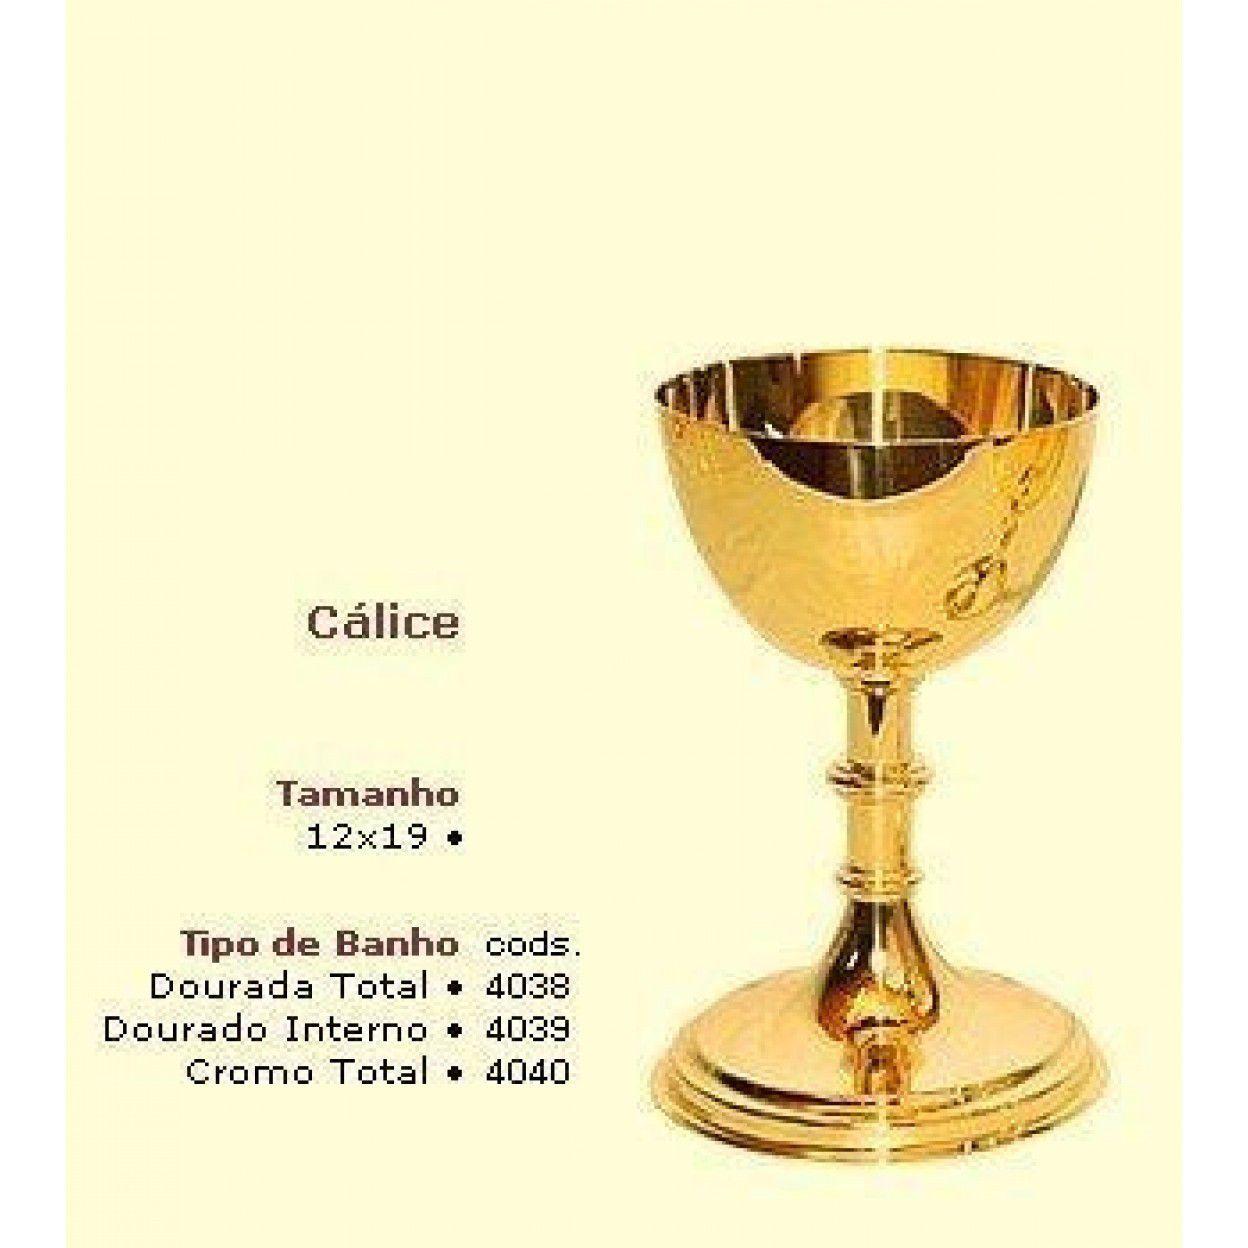 CÁLICE DOURADO ALTO 4038 - 2020